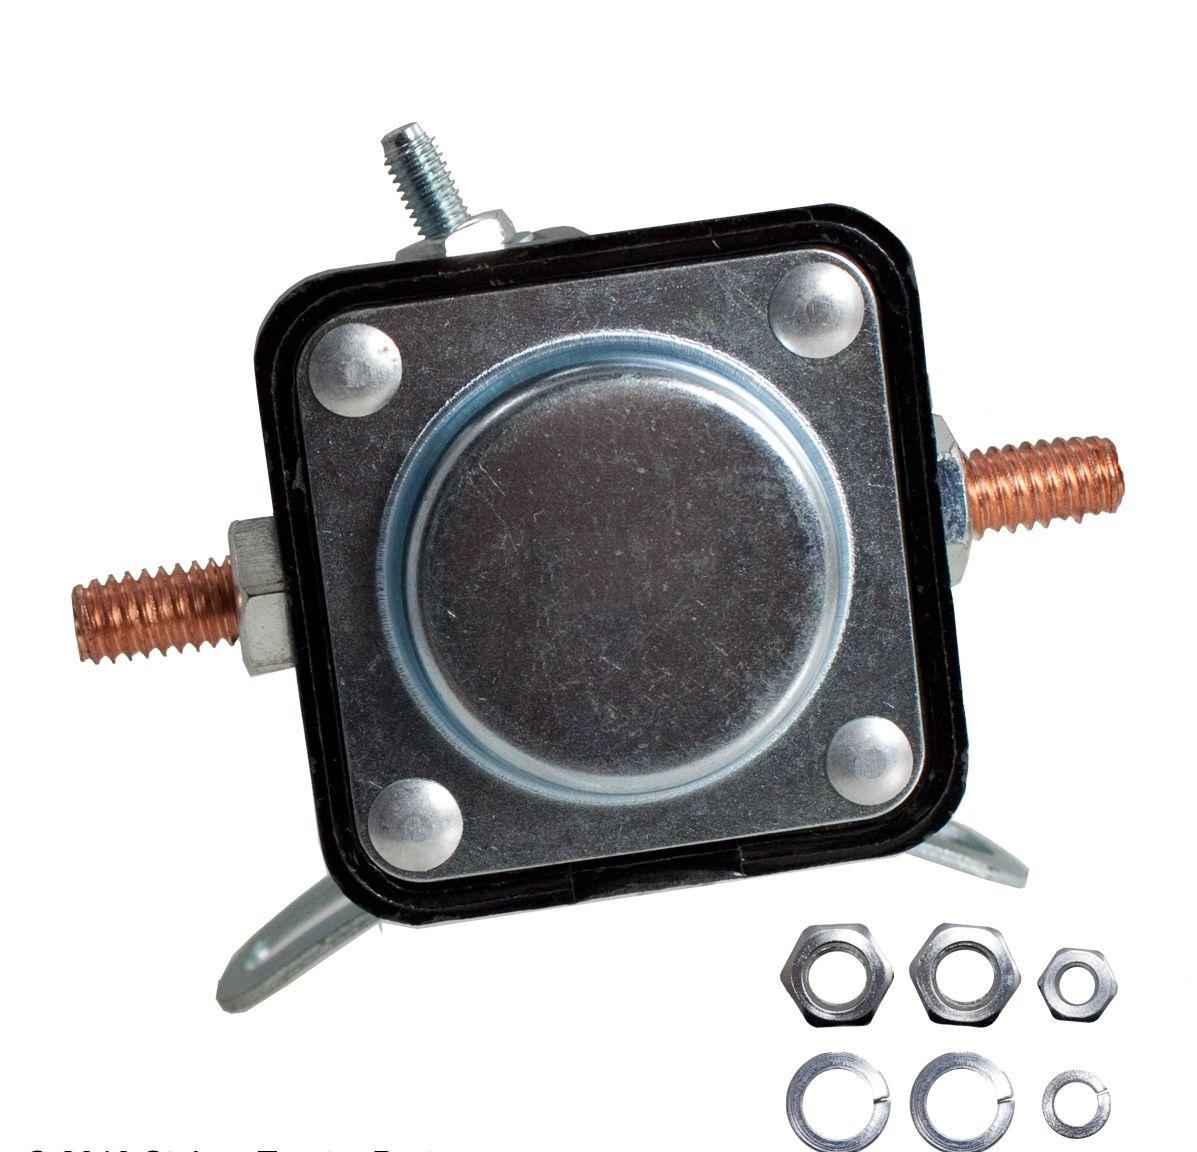 Abc electrical supply susu work